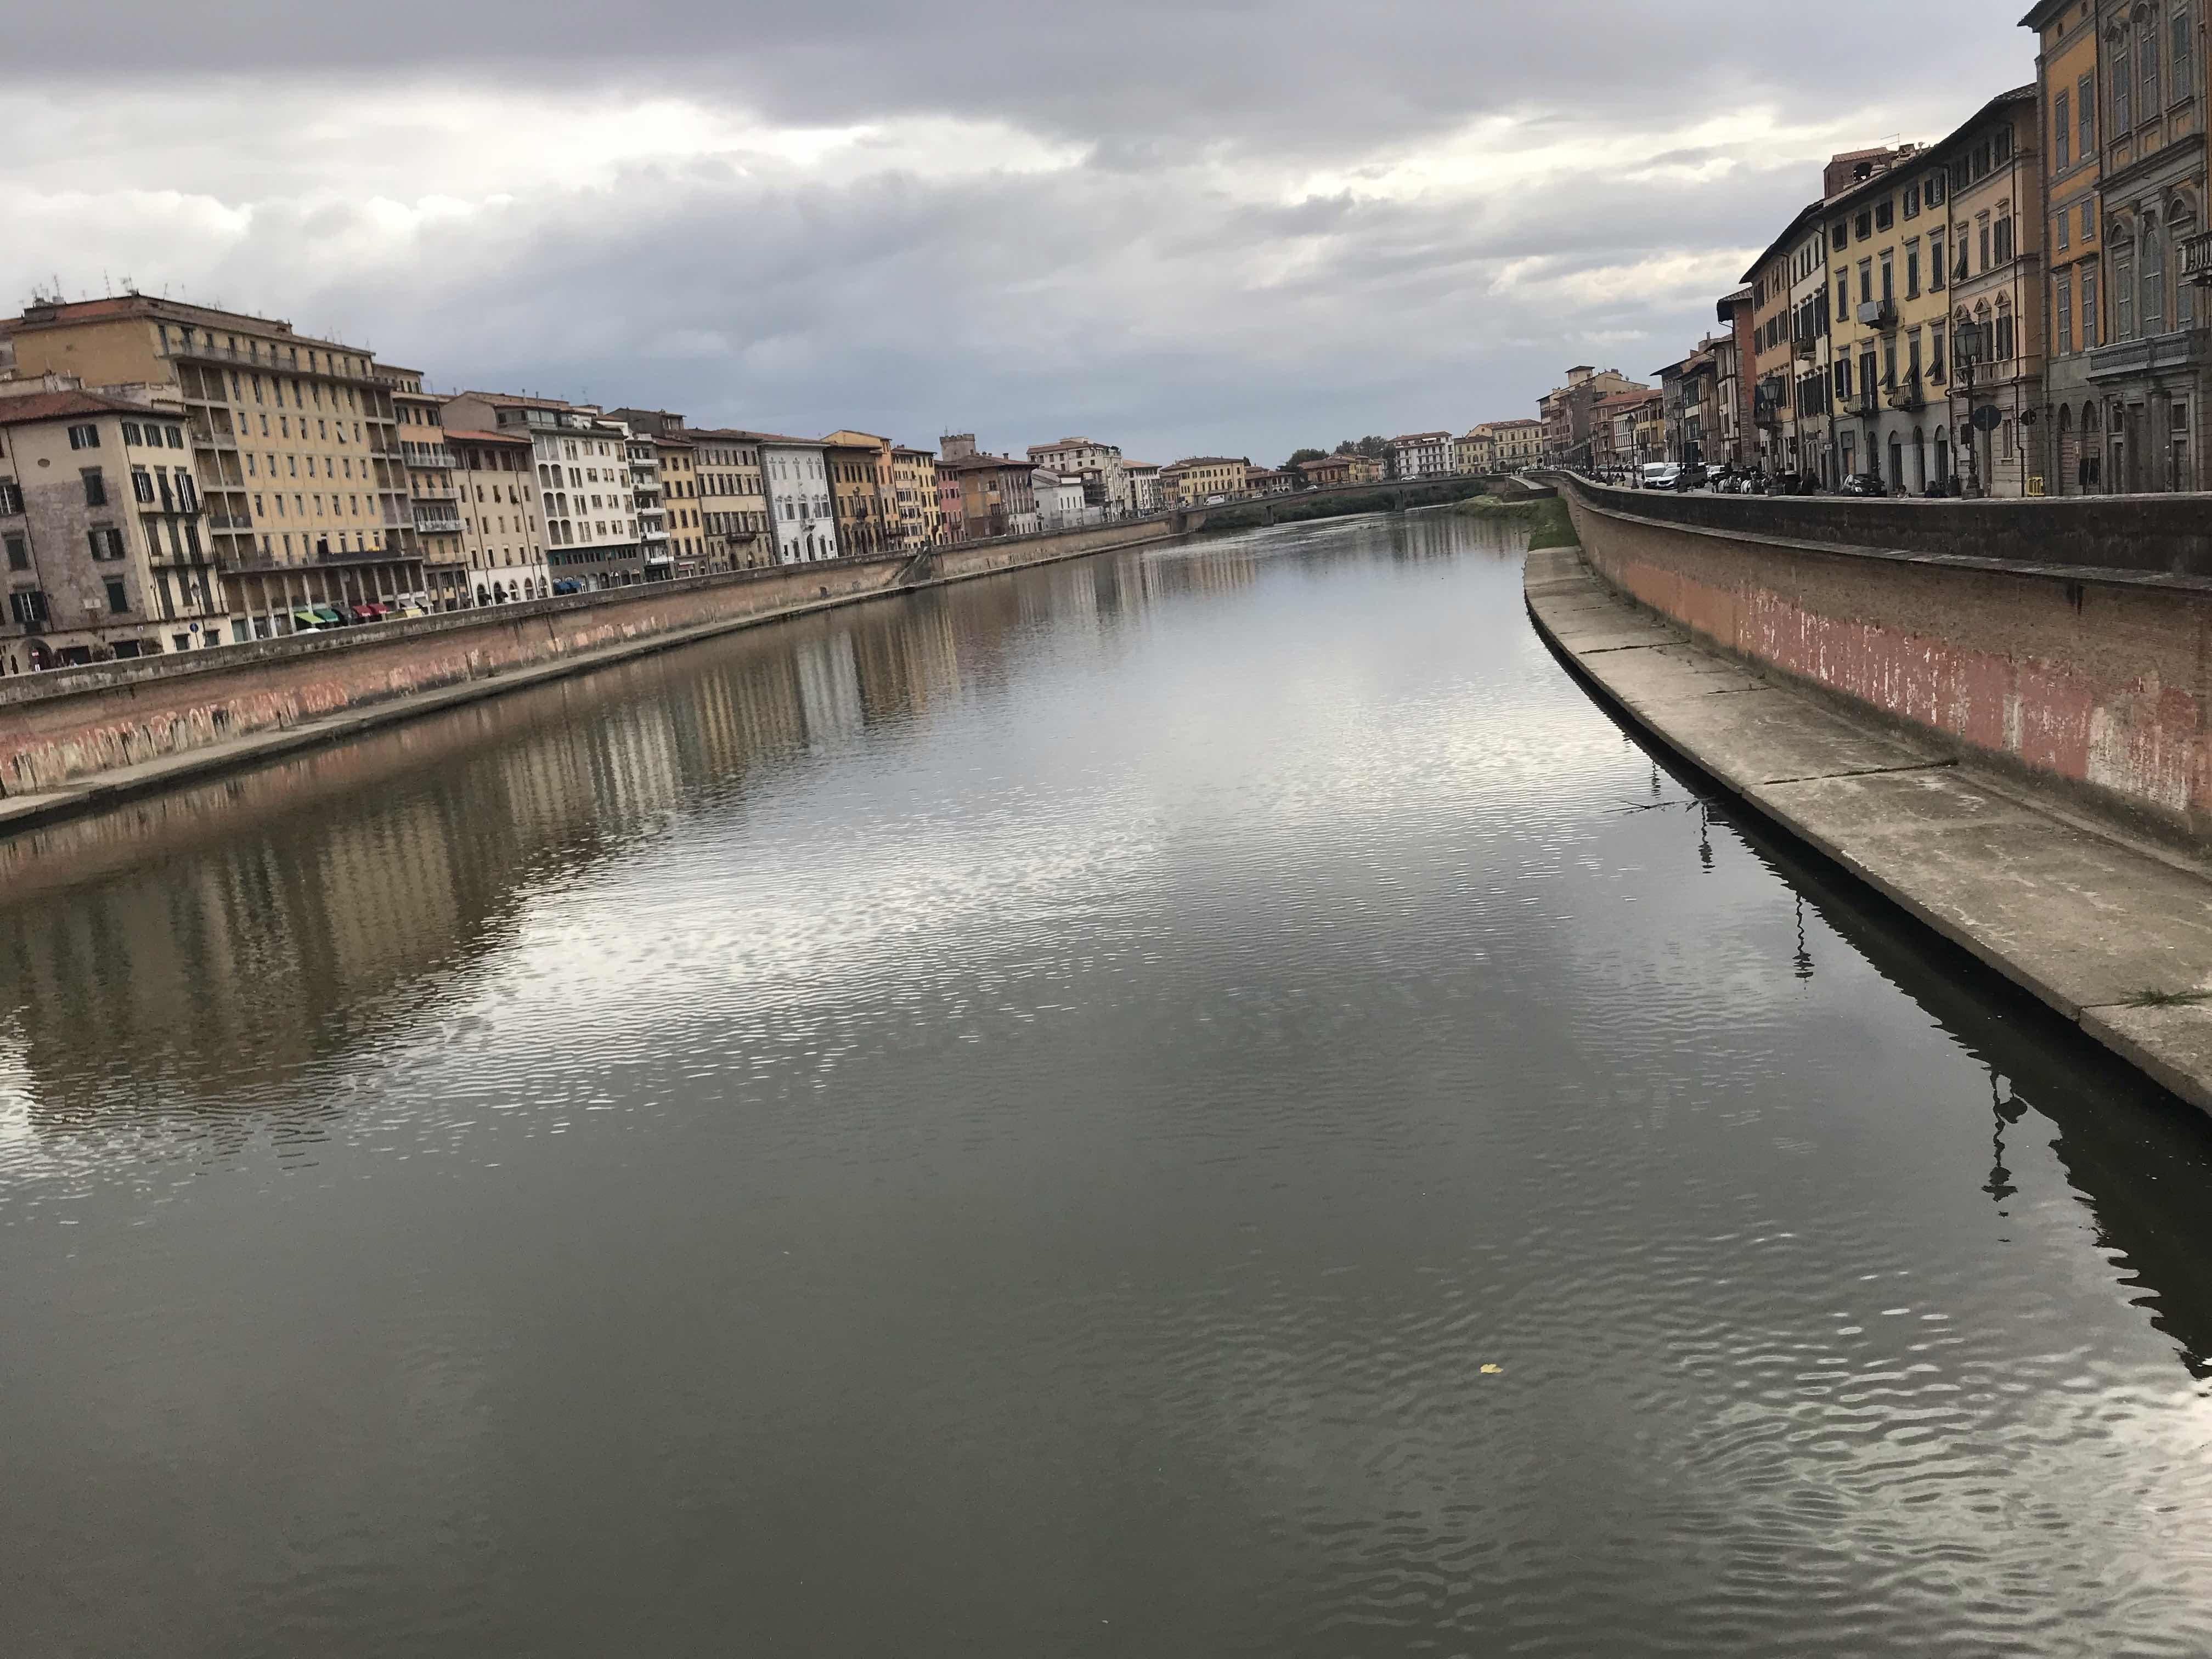 River Arno in Pisa - Ponte Mezzo I think